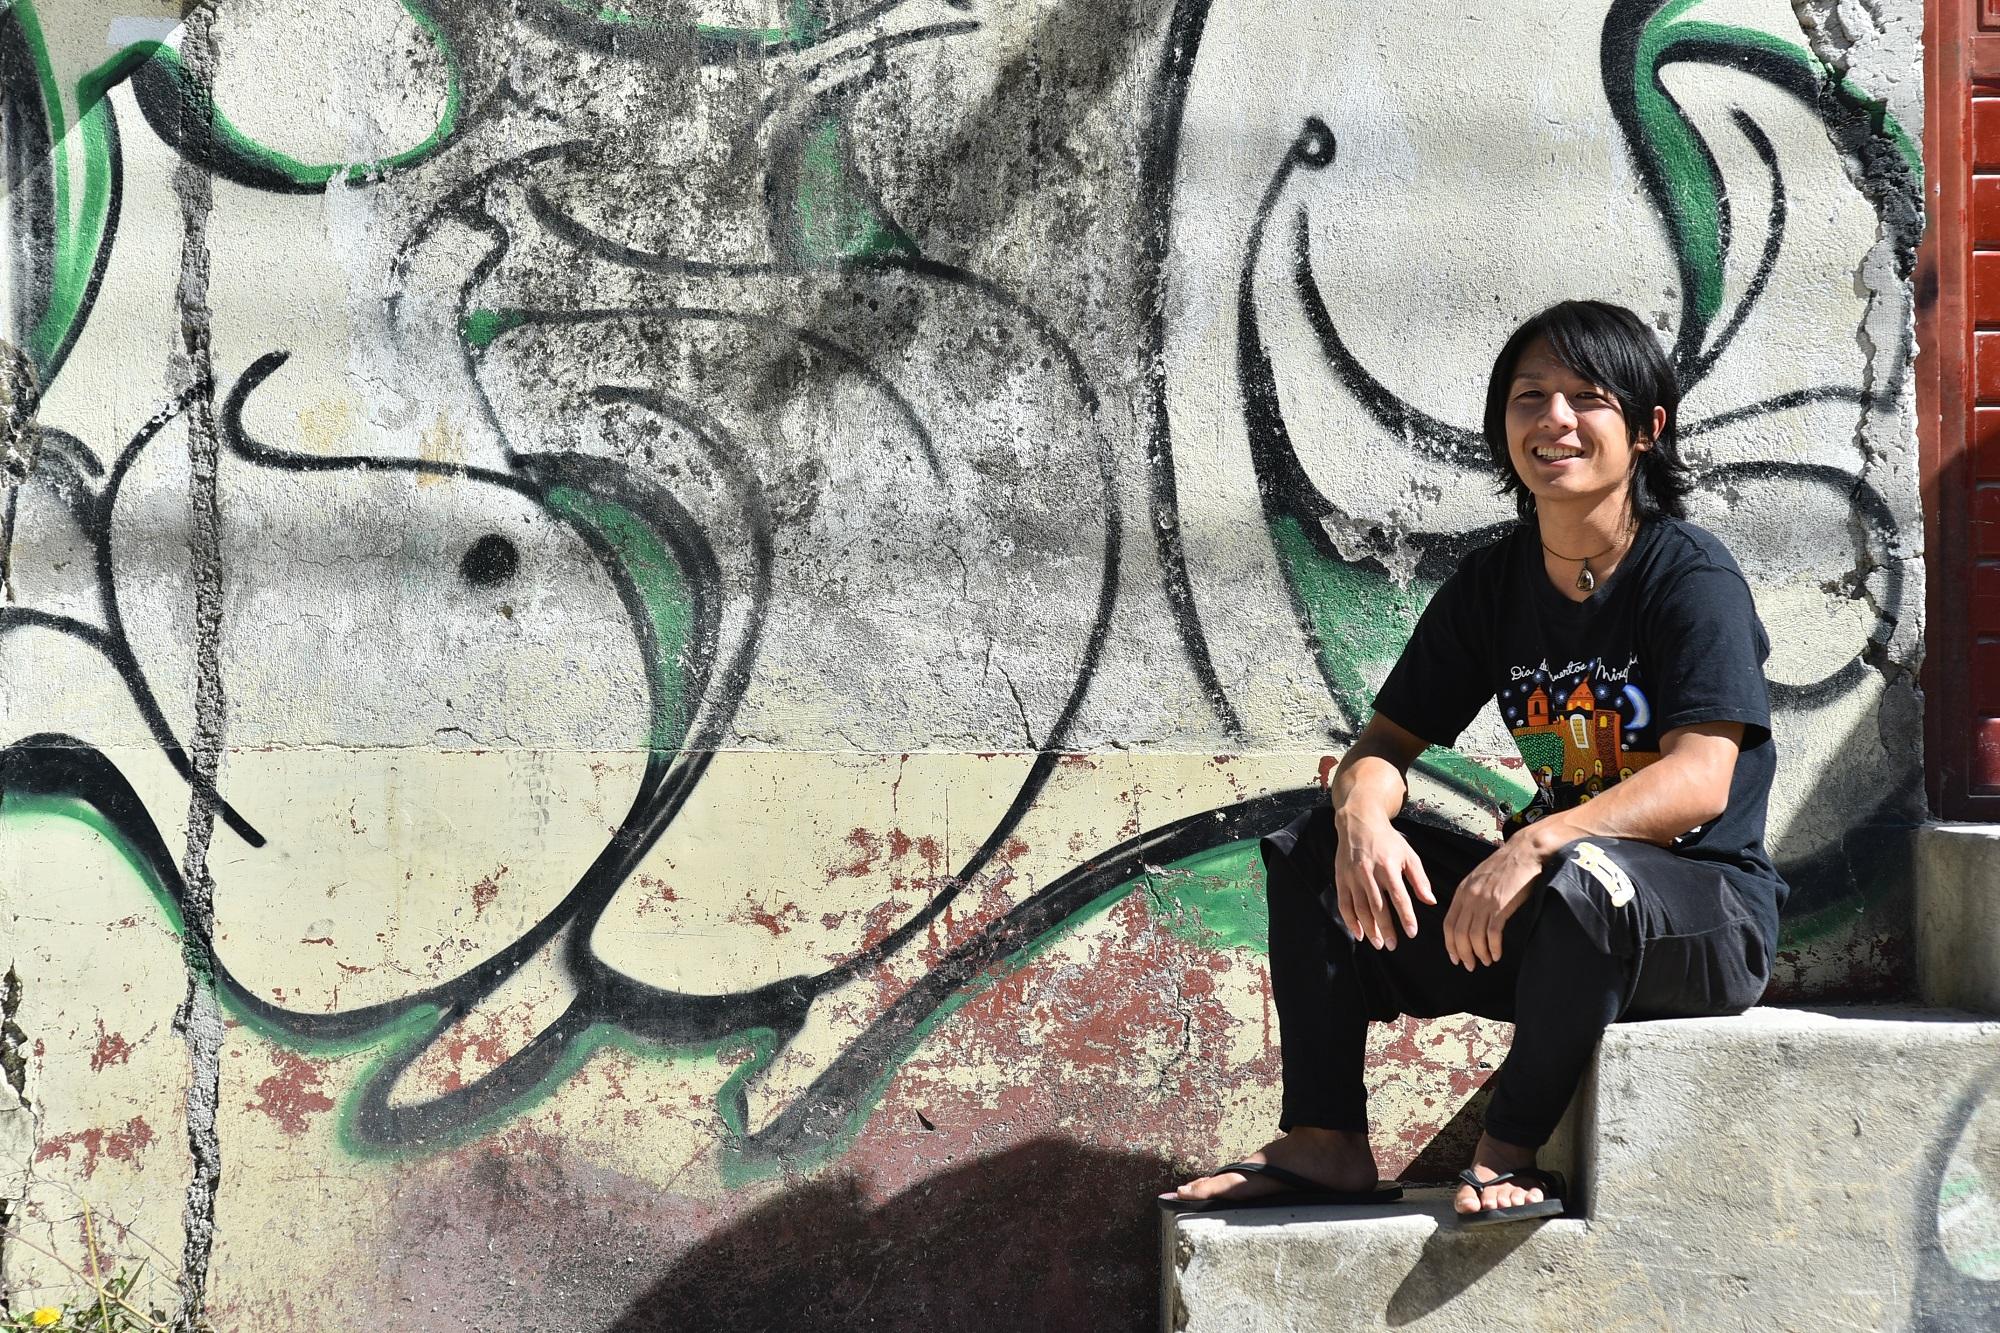 メキシコで撮影したプロフィール用写真(座位)